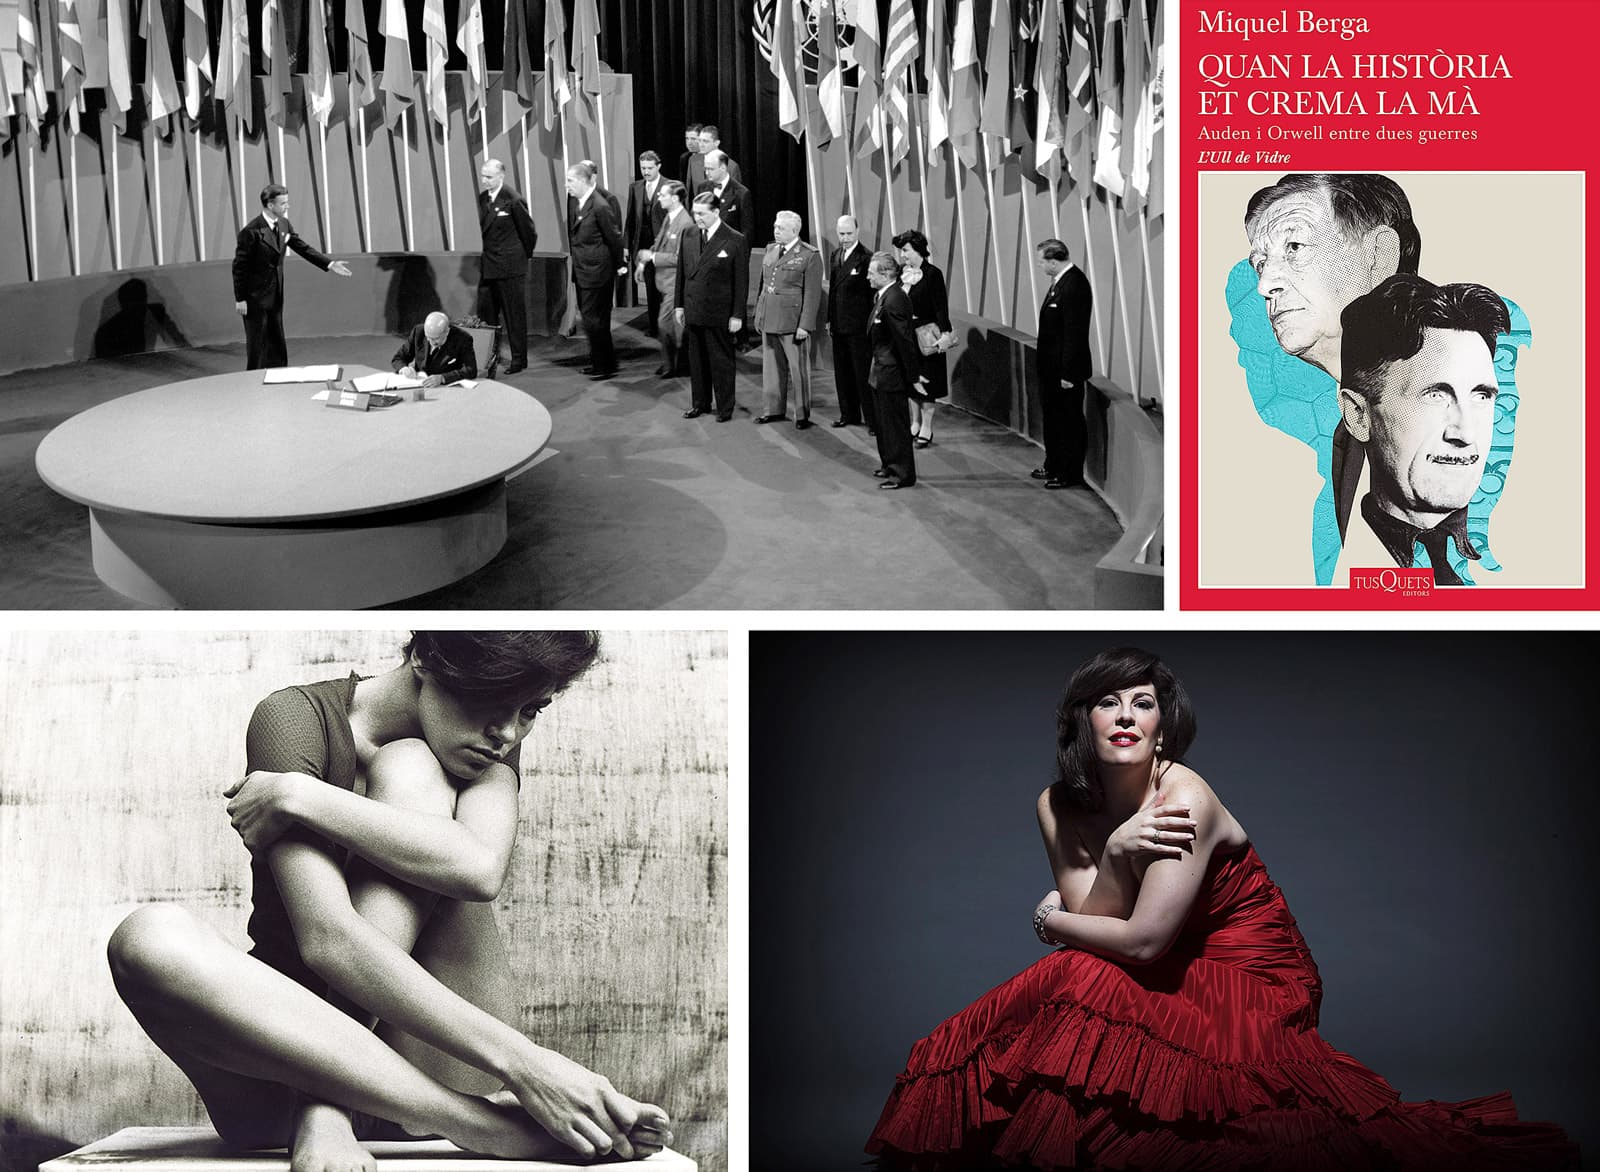 Inauguració de l'ONU el 1945, llibre Quan la història et crema la mà, fotografia de Leopoldo Pomés i la cantant Sondra Radvanovsky.